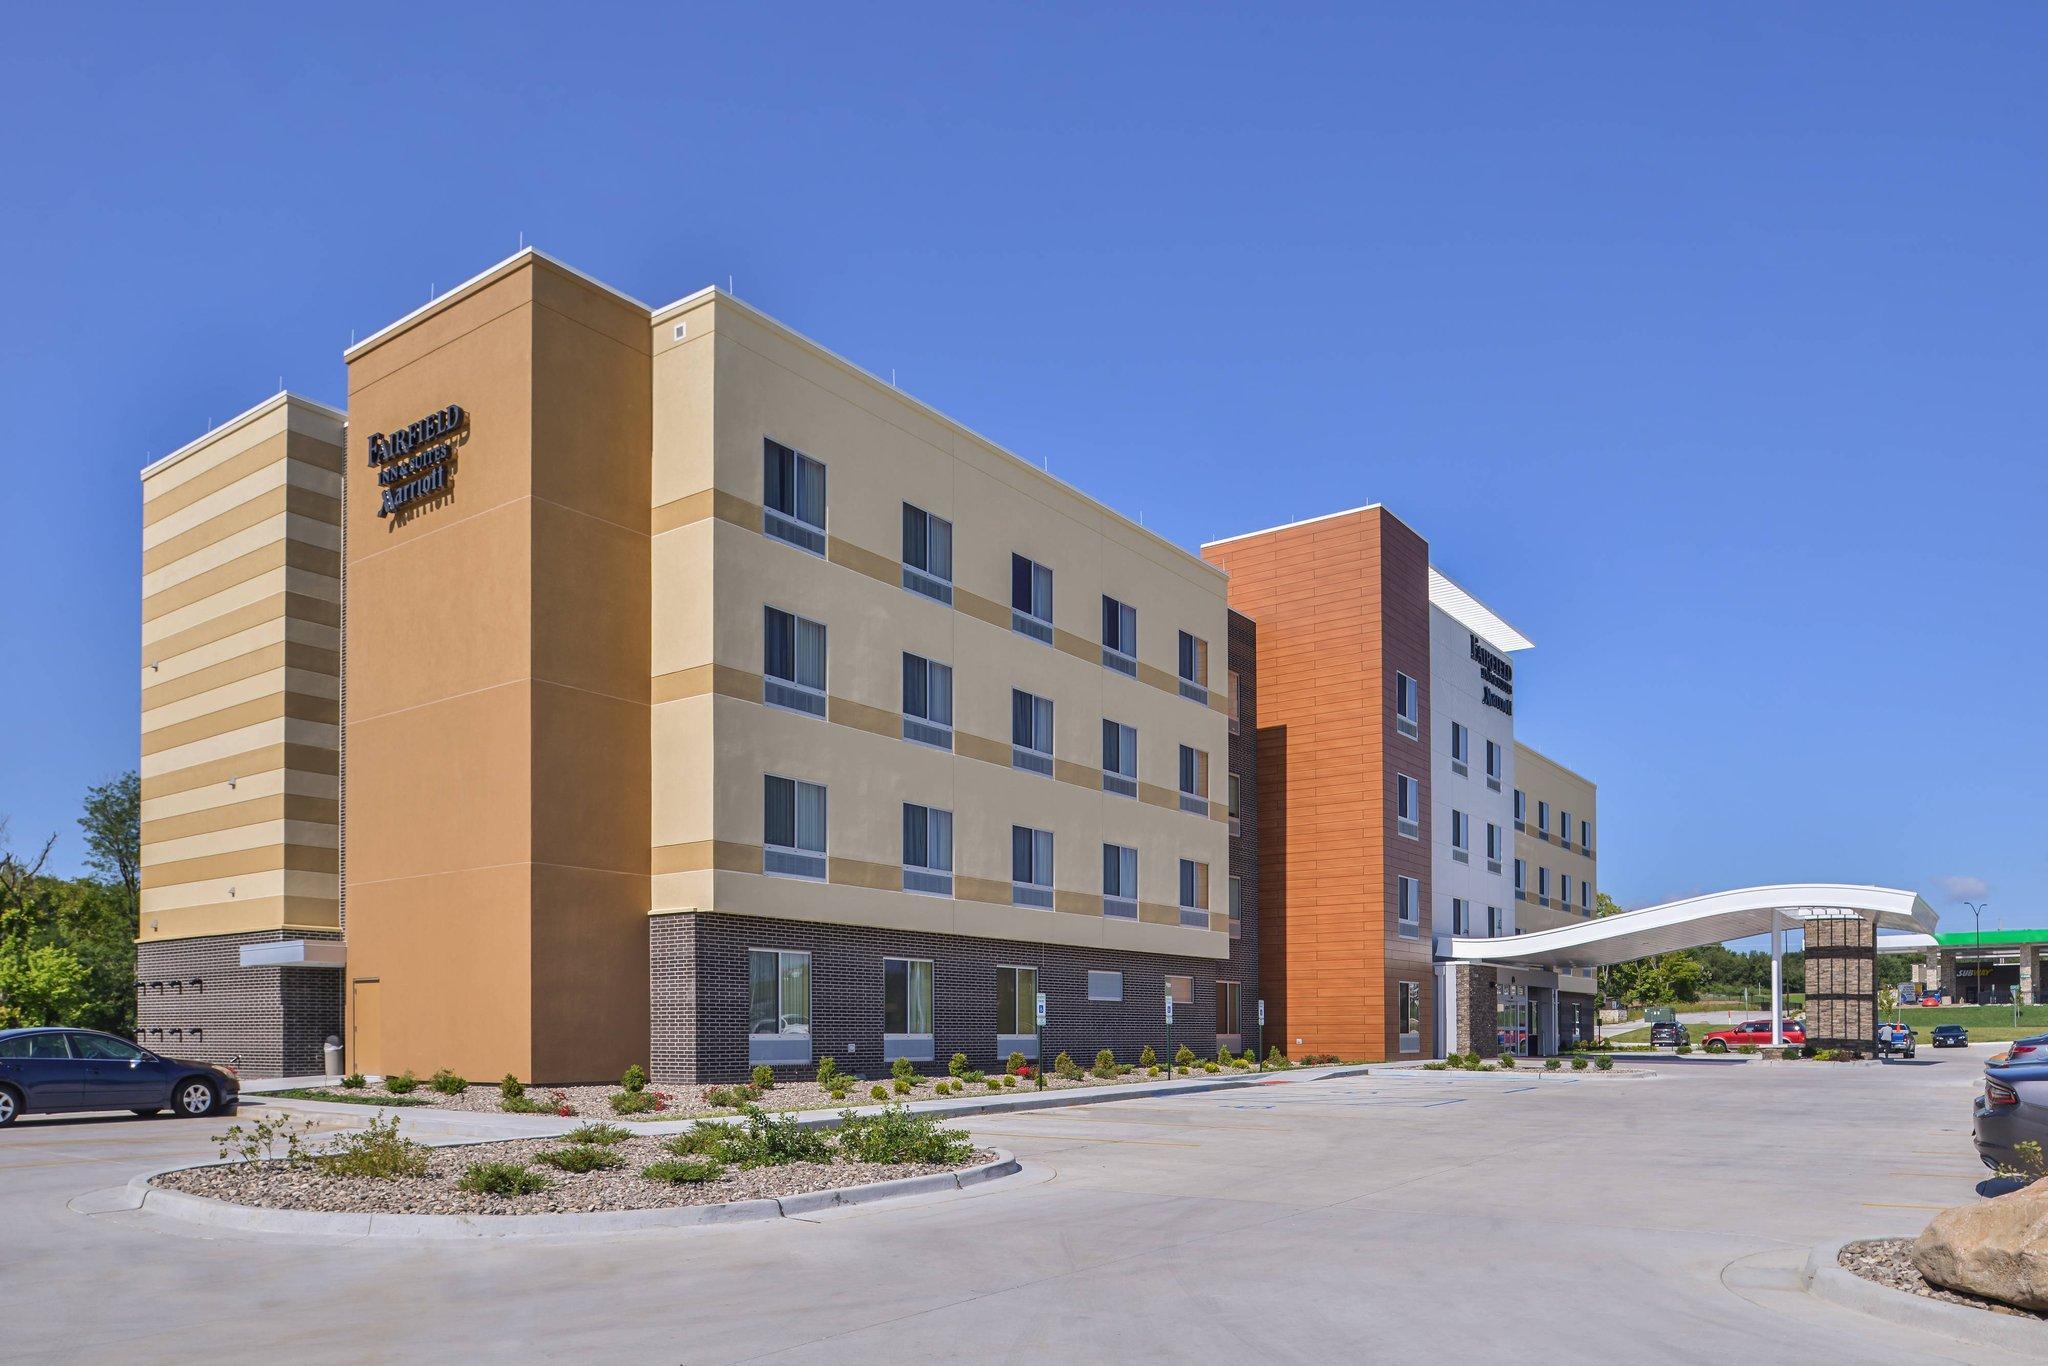 Fairfield Inn And Suites St. Joseph